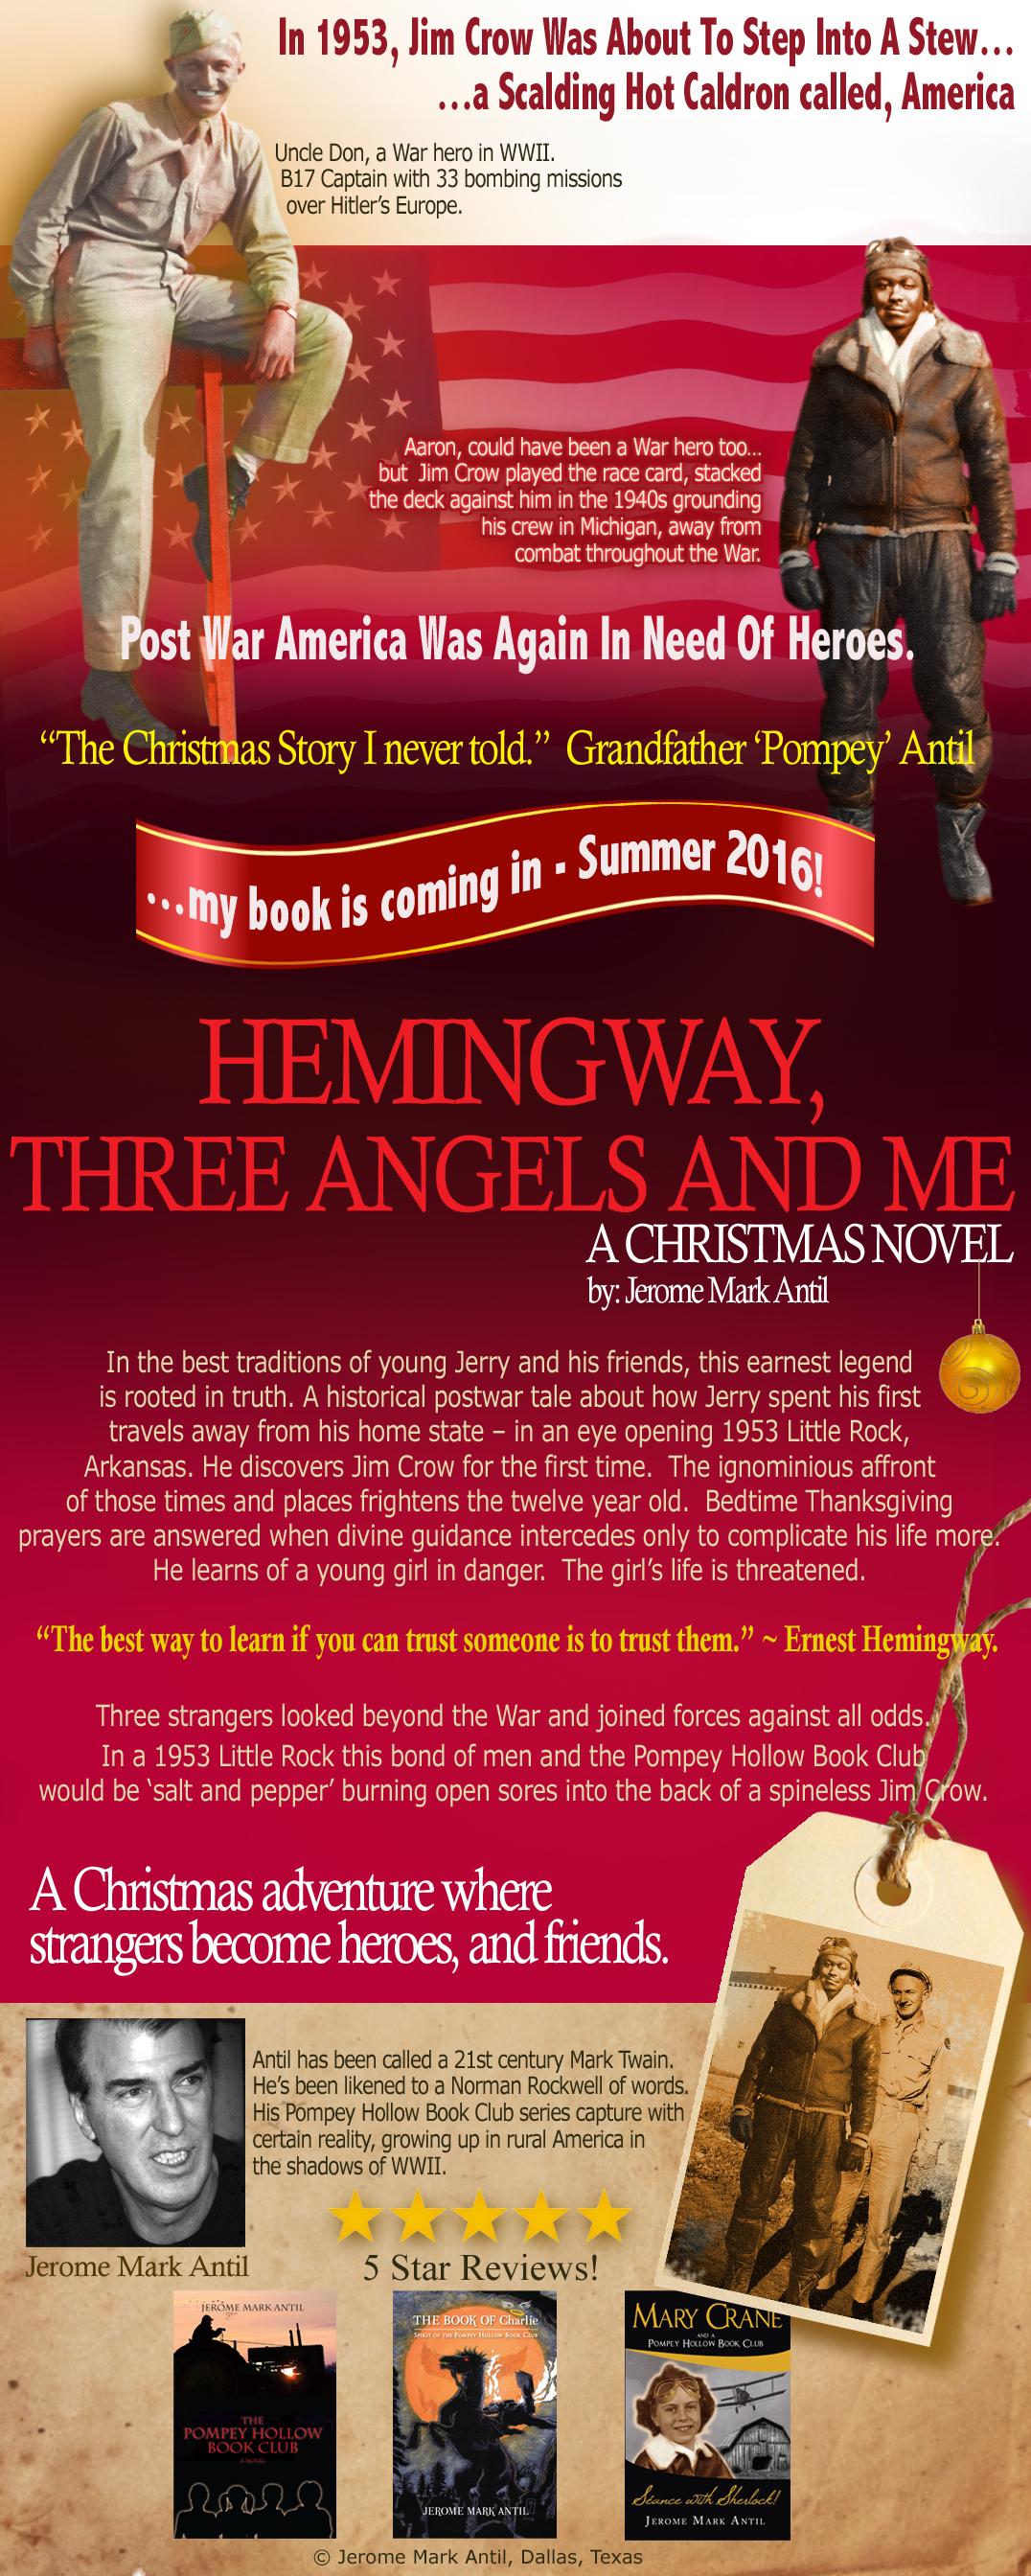 HemingwayBookTeaser-3(2)